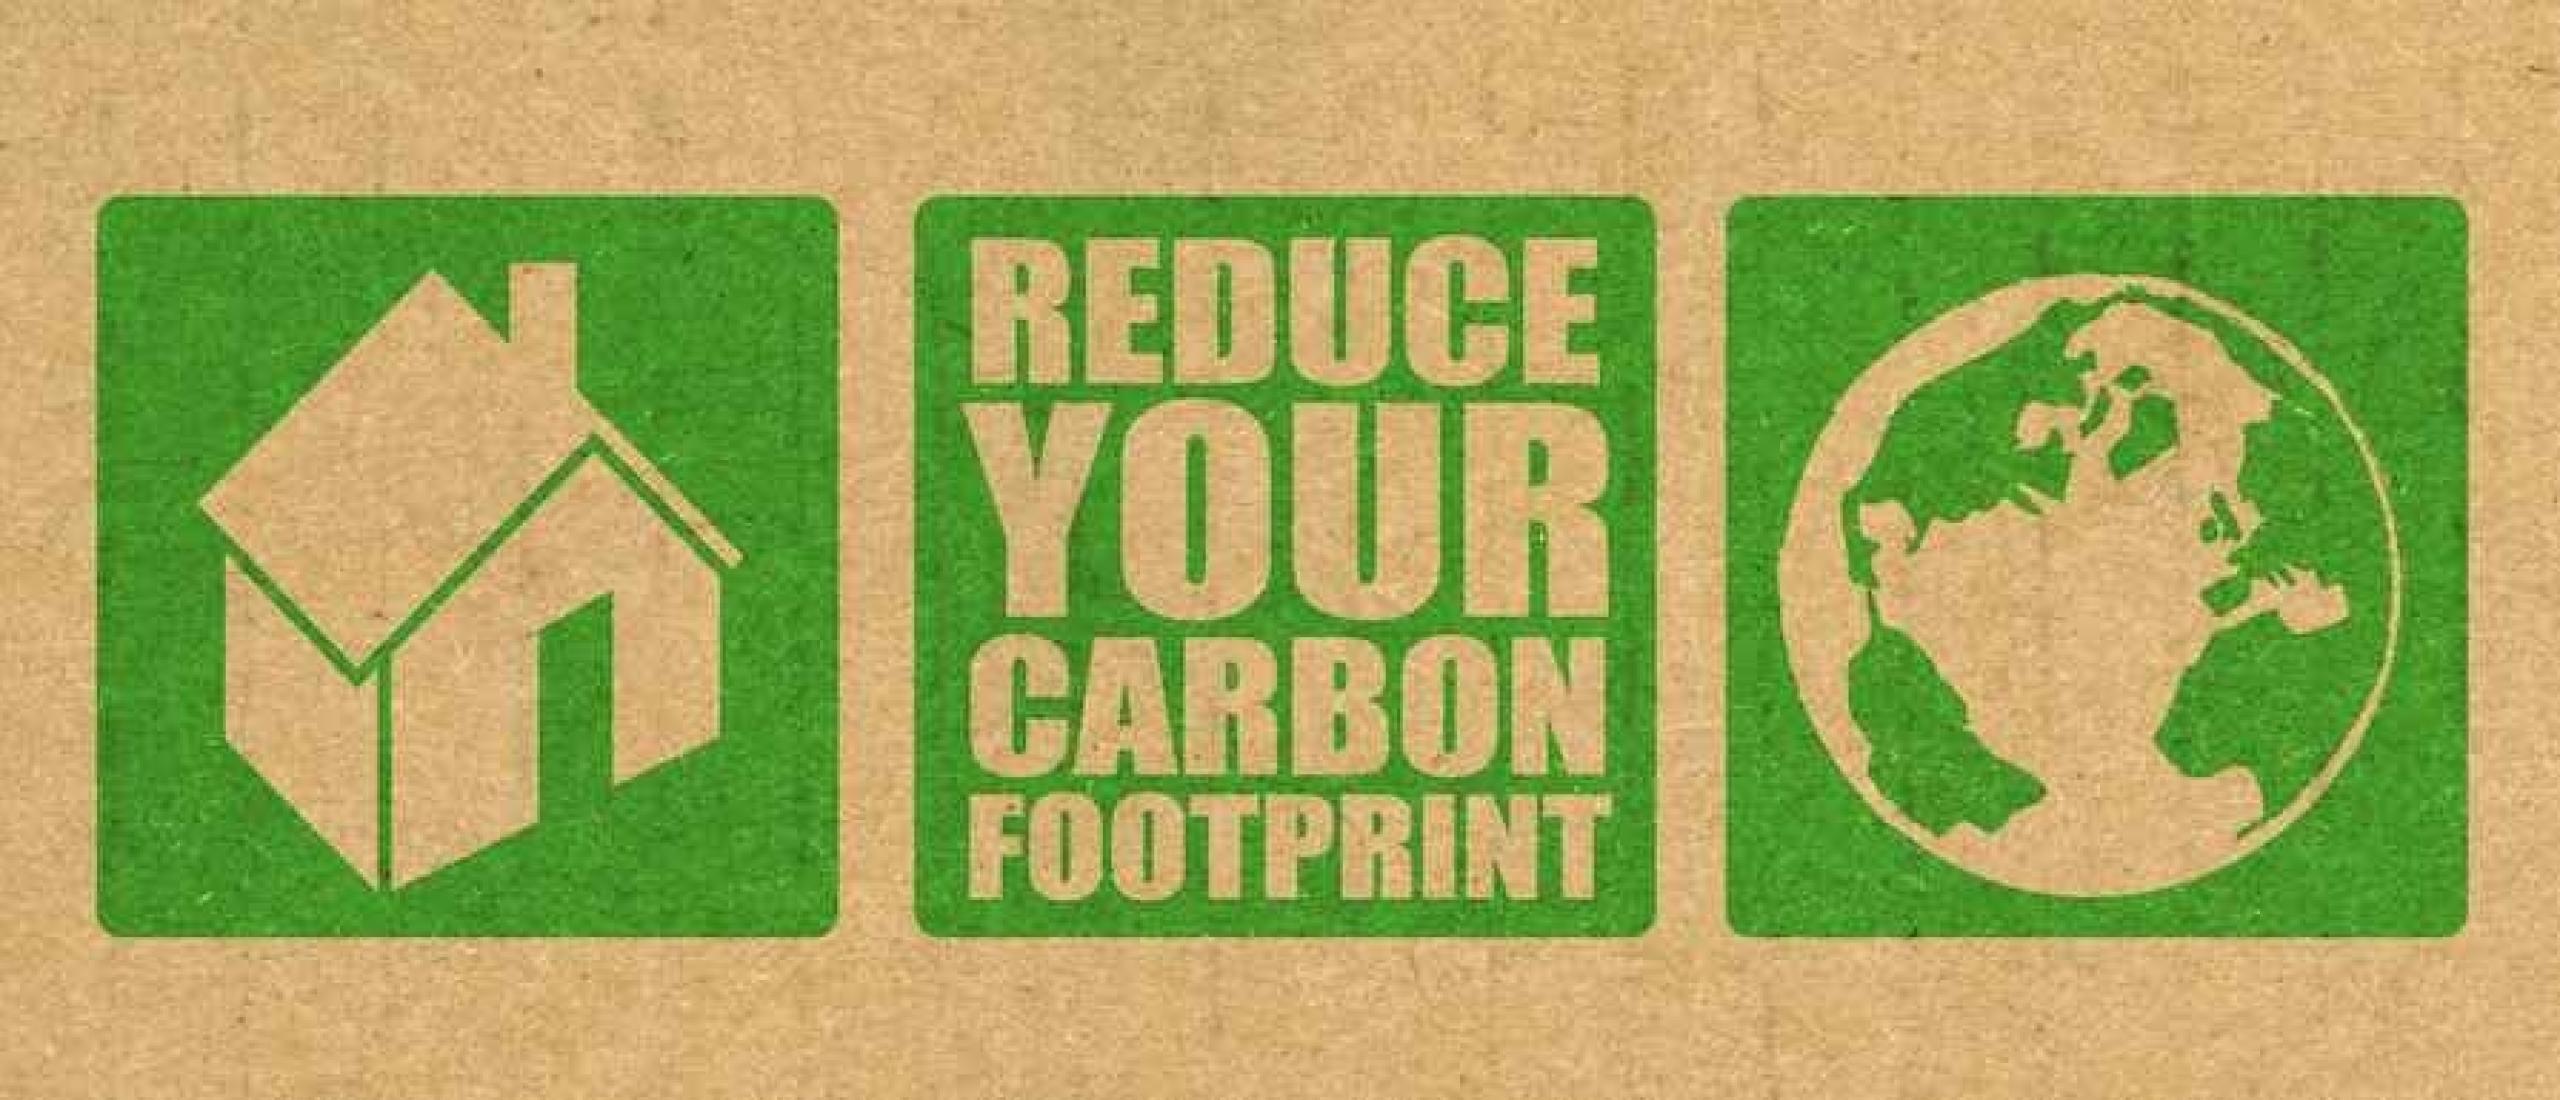 Ecologische voetafdruk verkleinen begin vandaag nog!